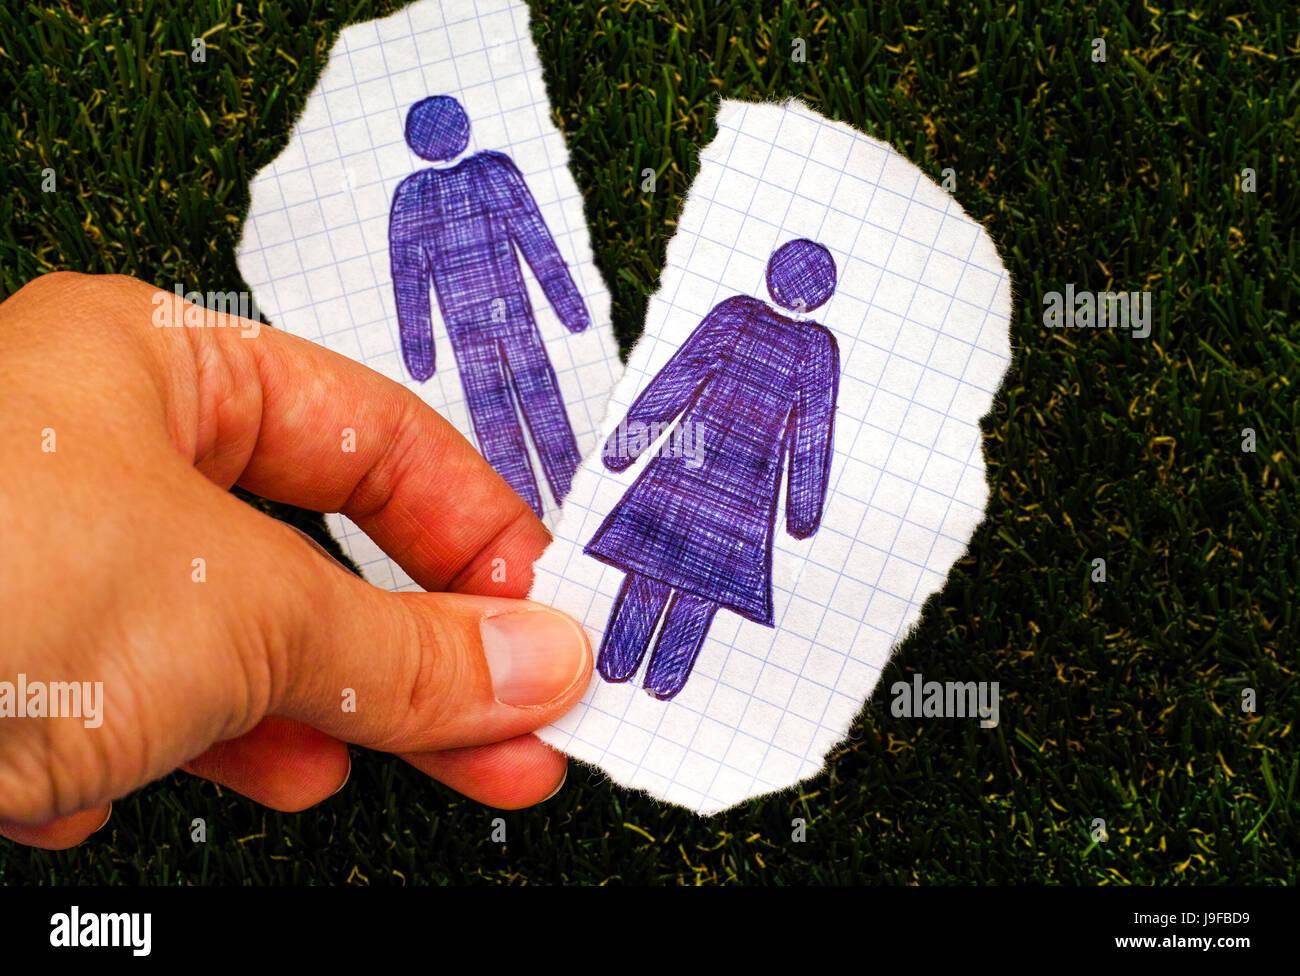 Personne hand holding morceau de papier avec la main femme figure. D'autres morceau de papier avec la figure Photo Stock